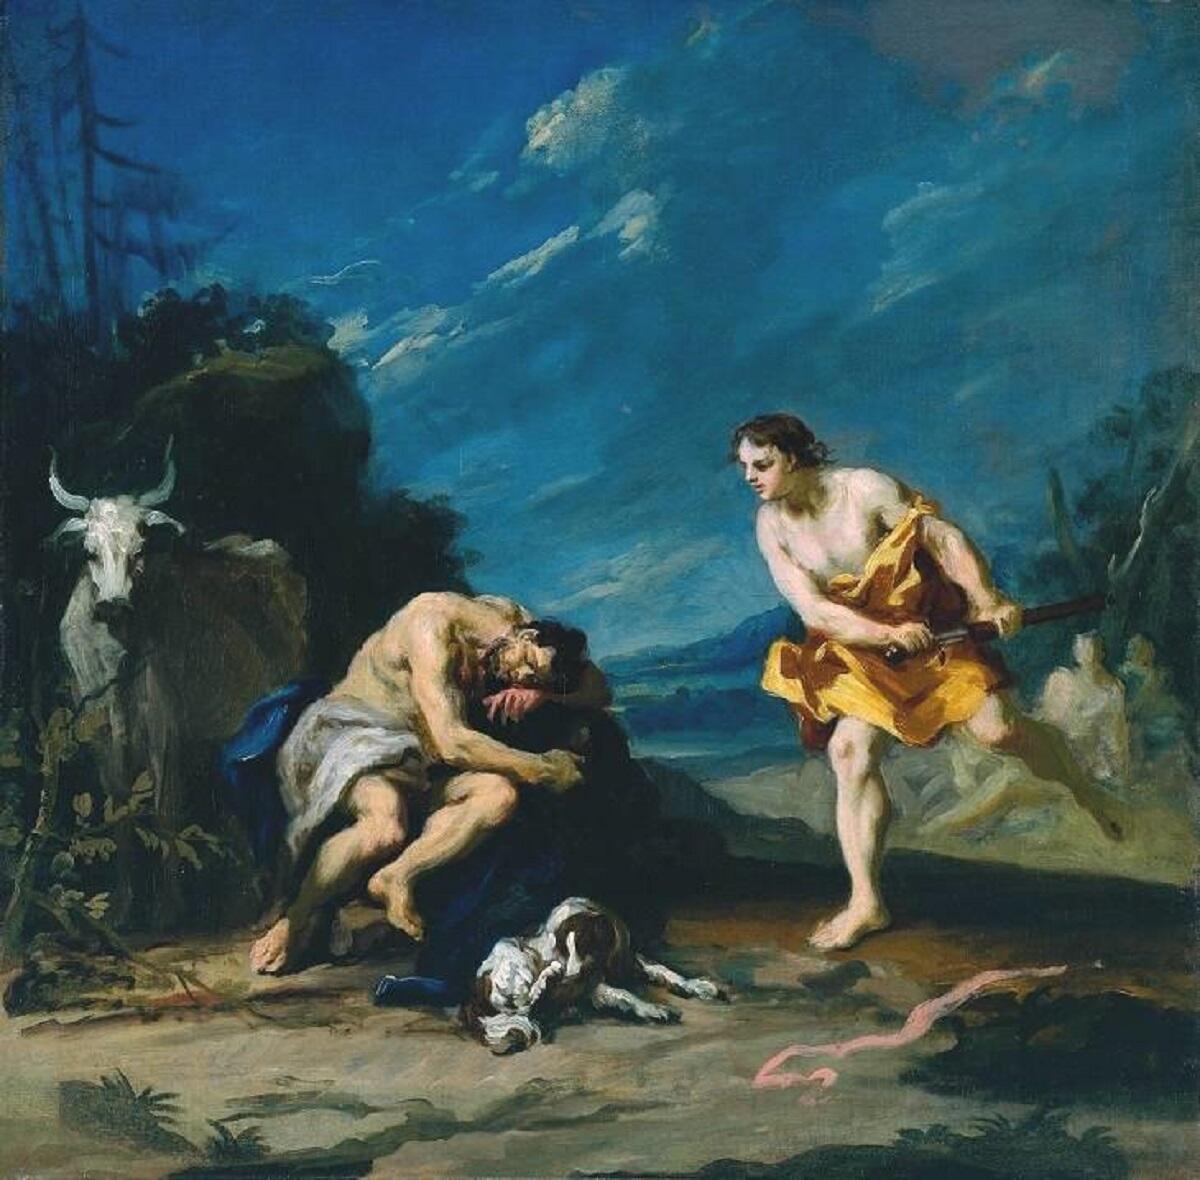 Якопо Амигнони, Меркурий убивает спящего Аргуса, 1730